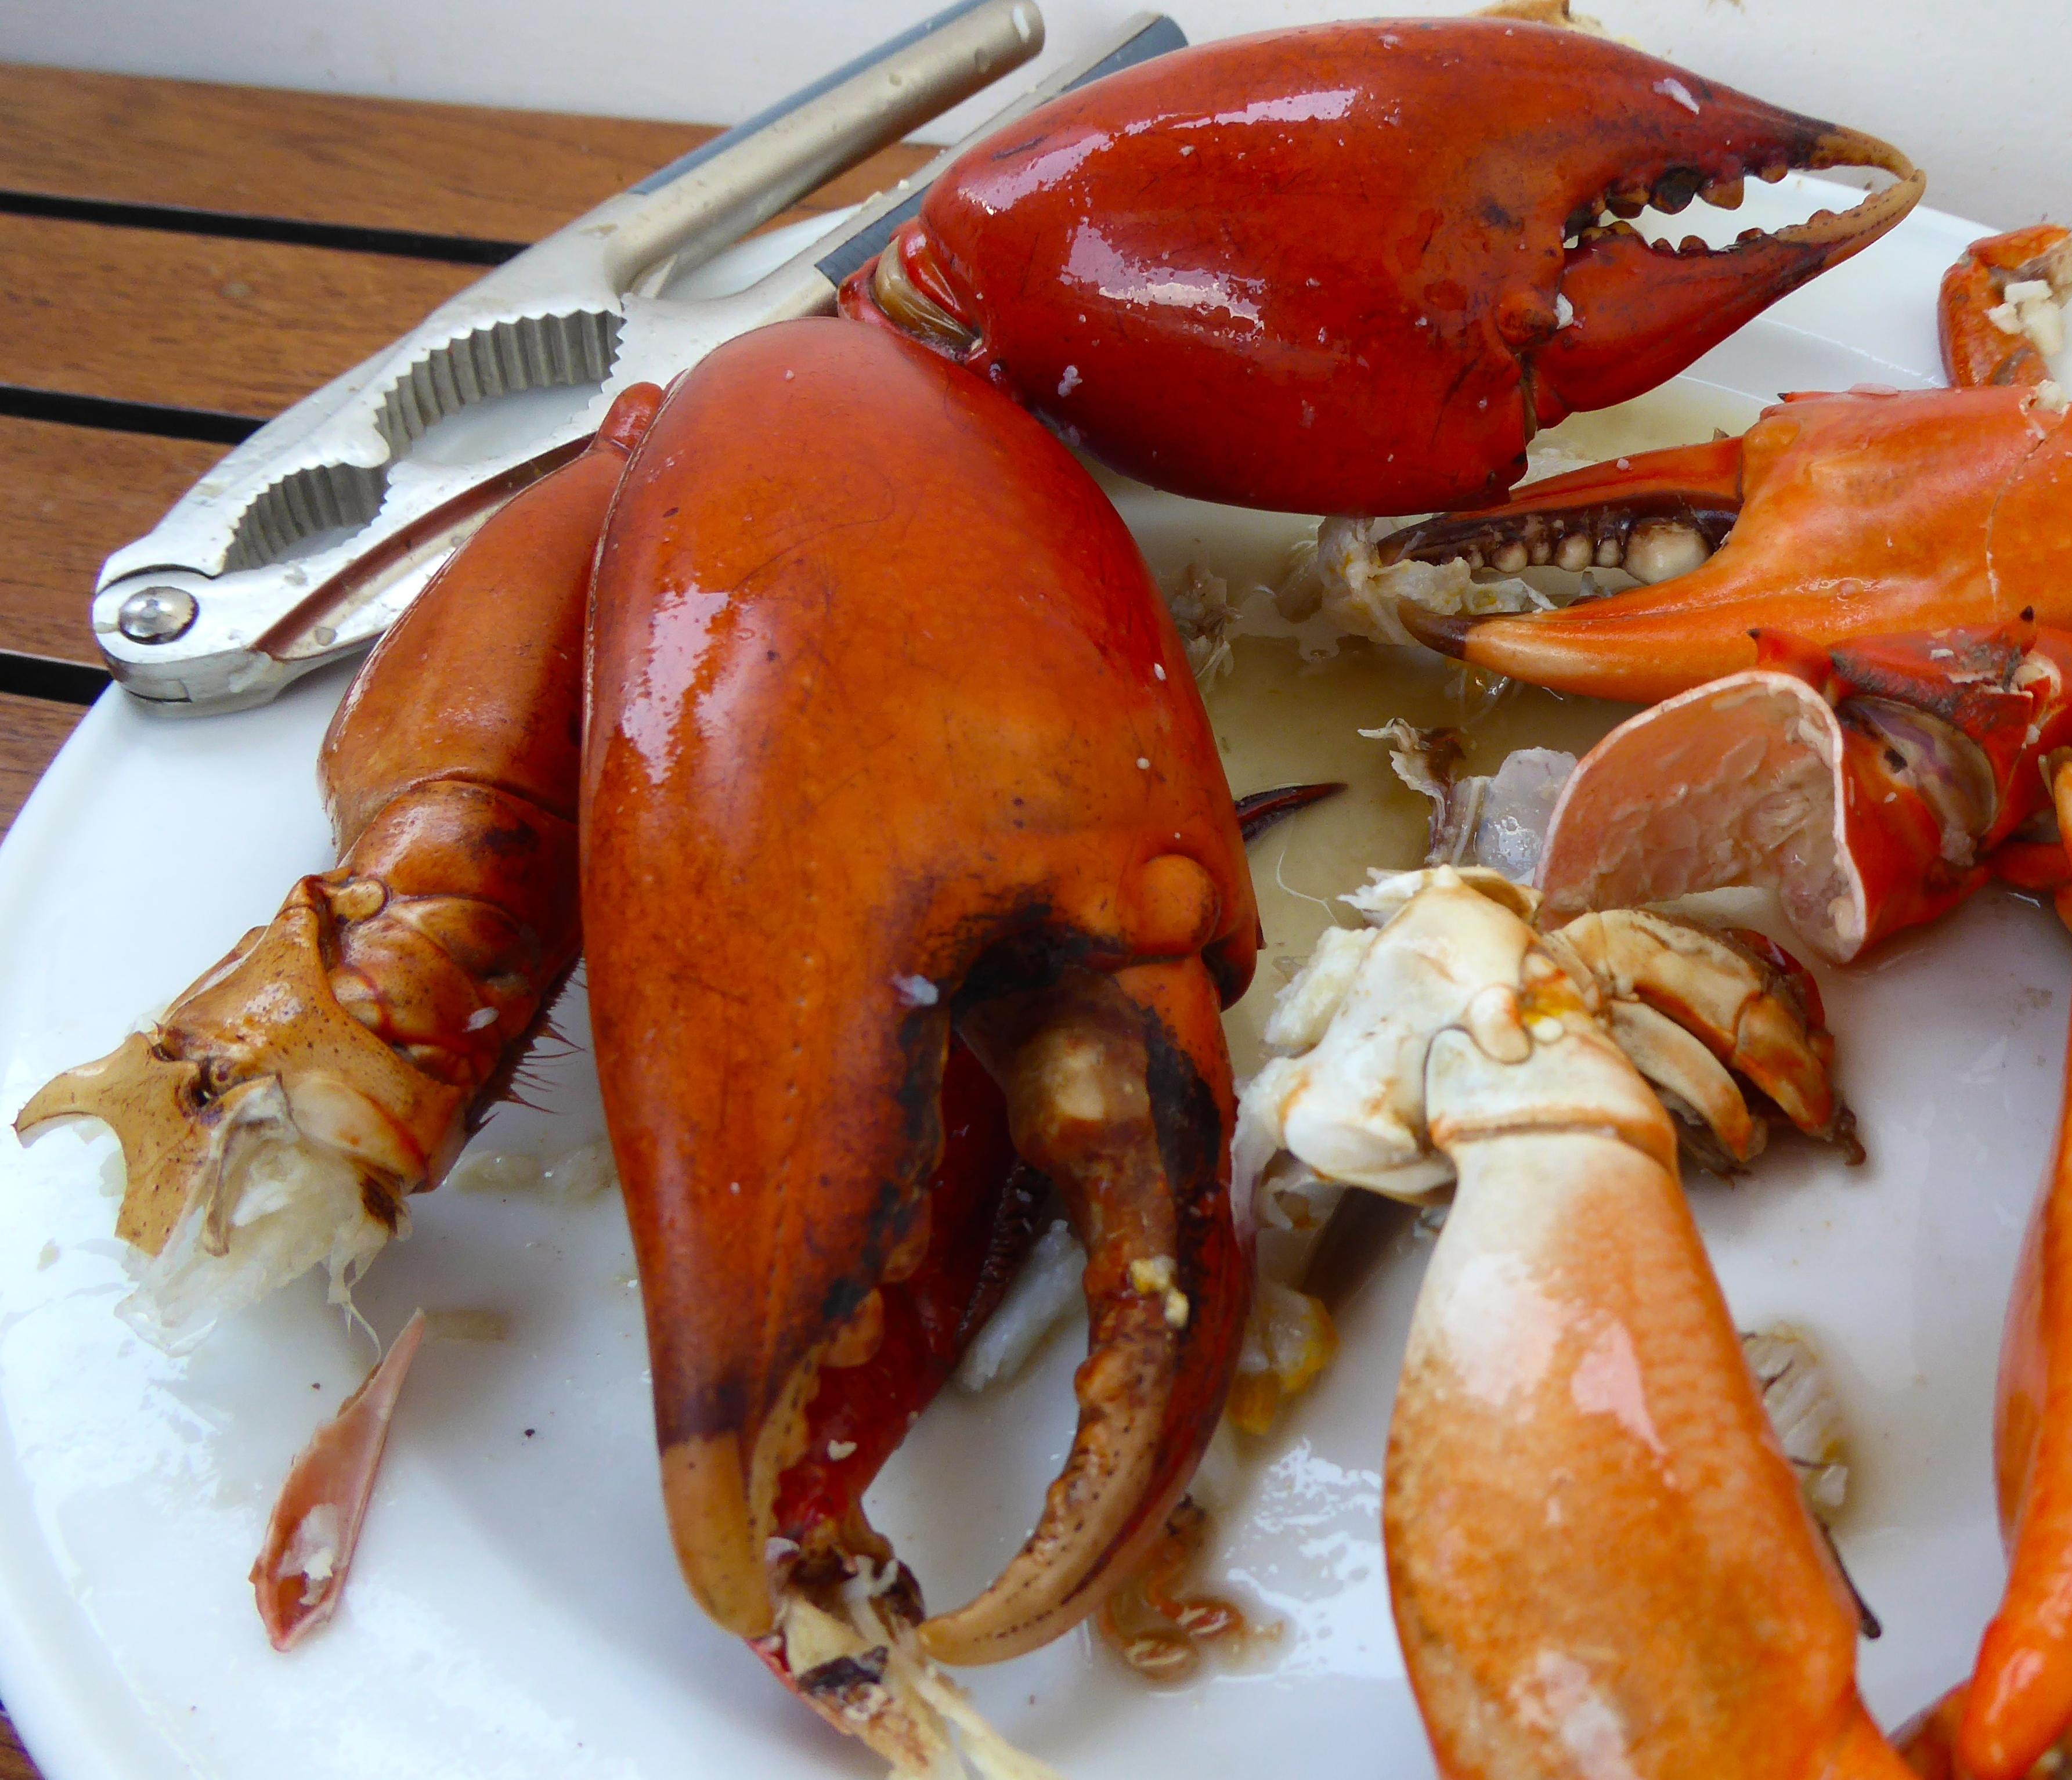 Prepared mud crabs